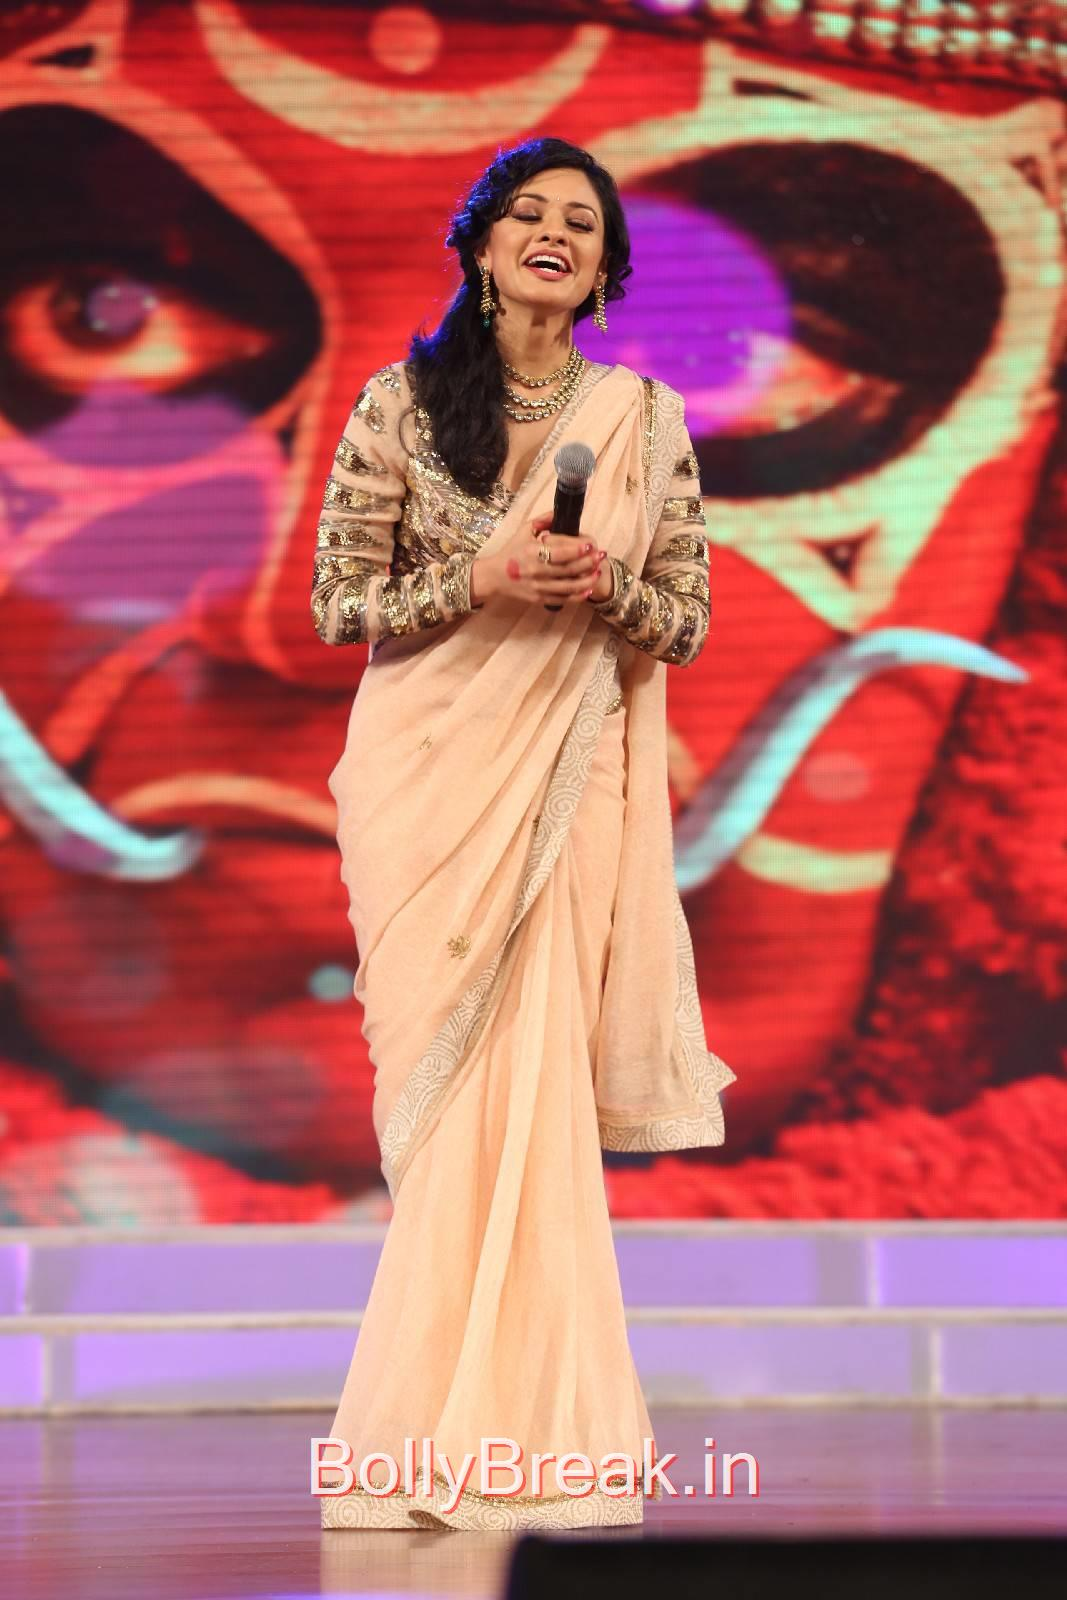 Tollywood Actress Pooja Kumar, Pooja Kumar HD Pics in Saree